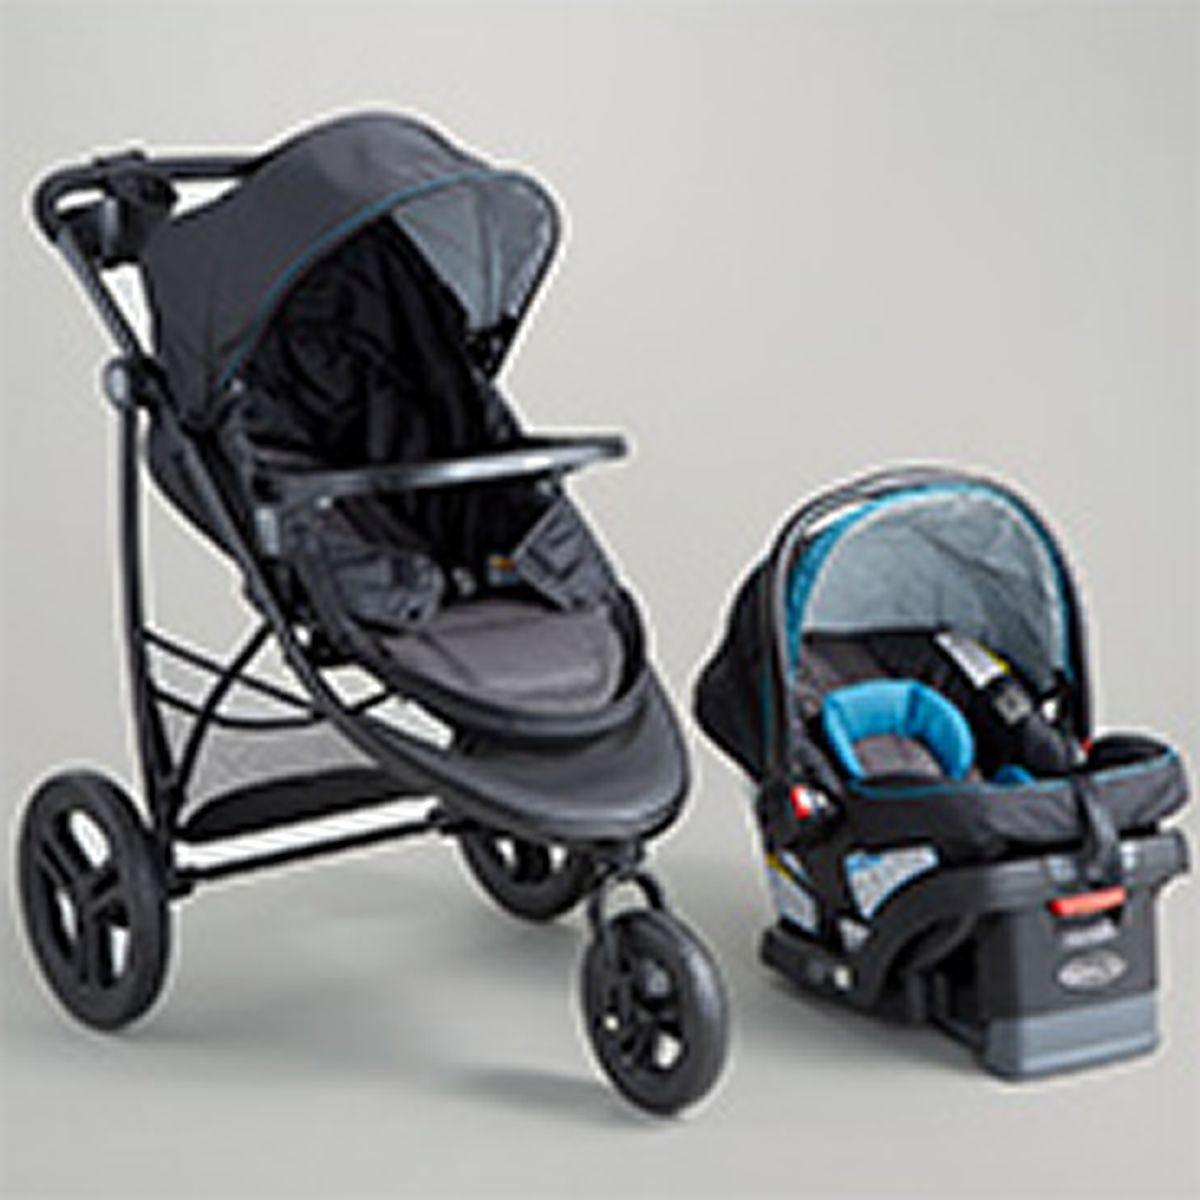 36db66fcb88a Newborn Clothes - Macy s